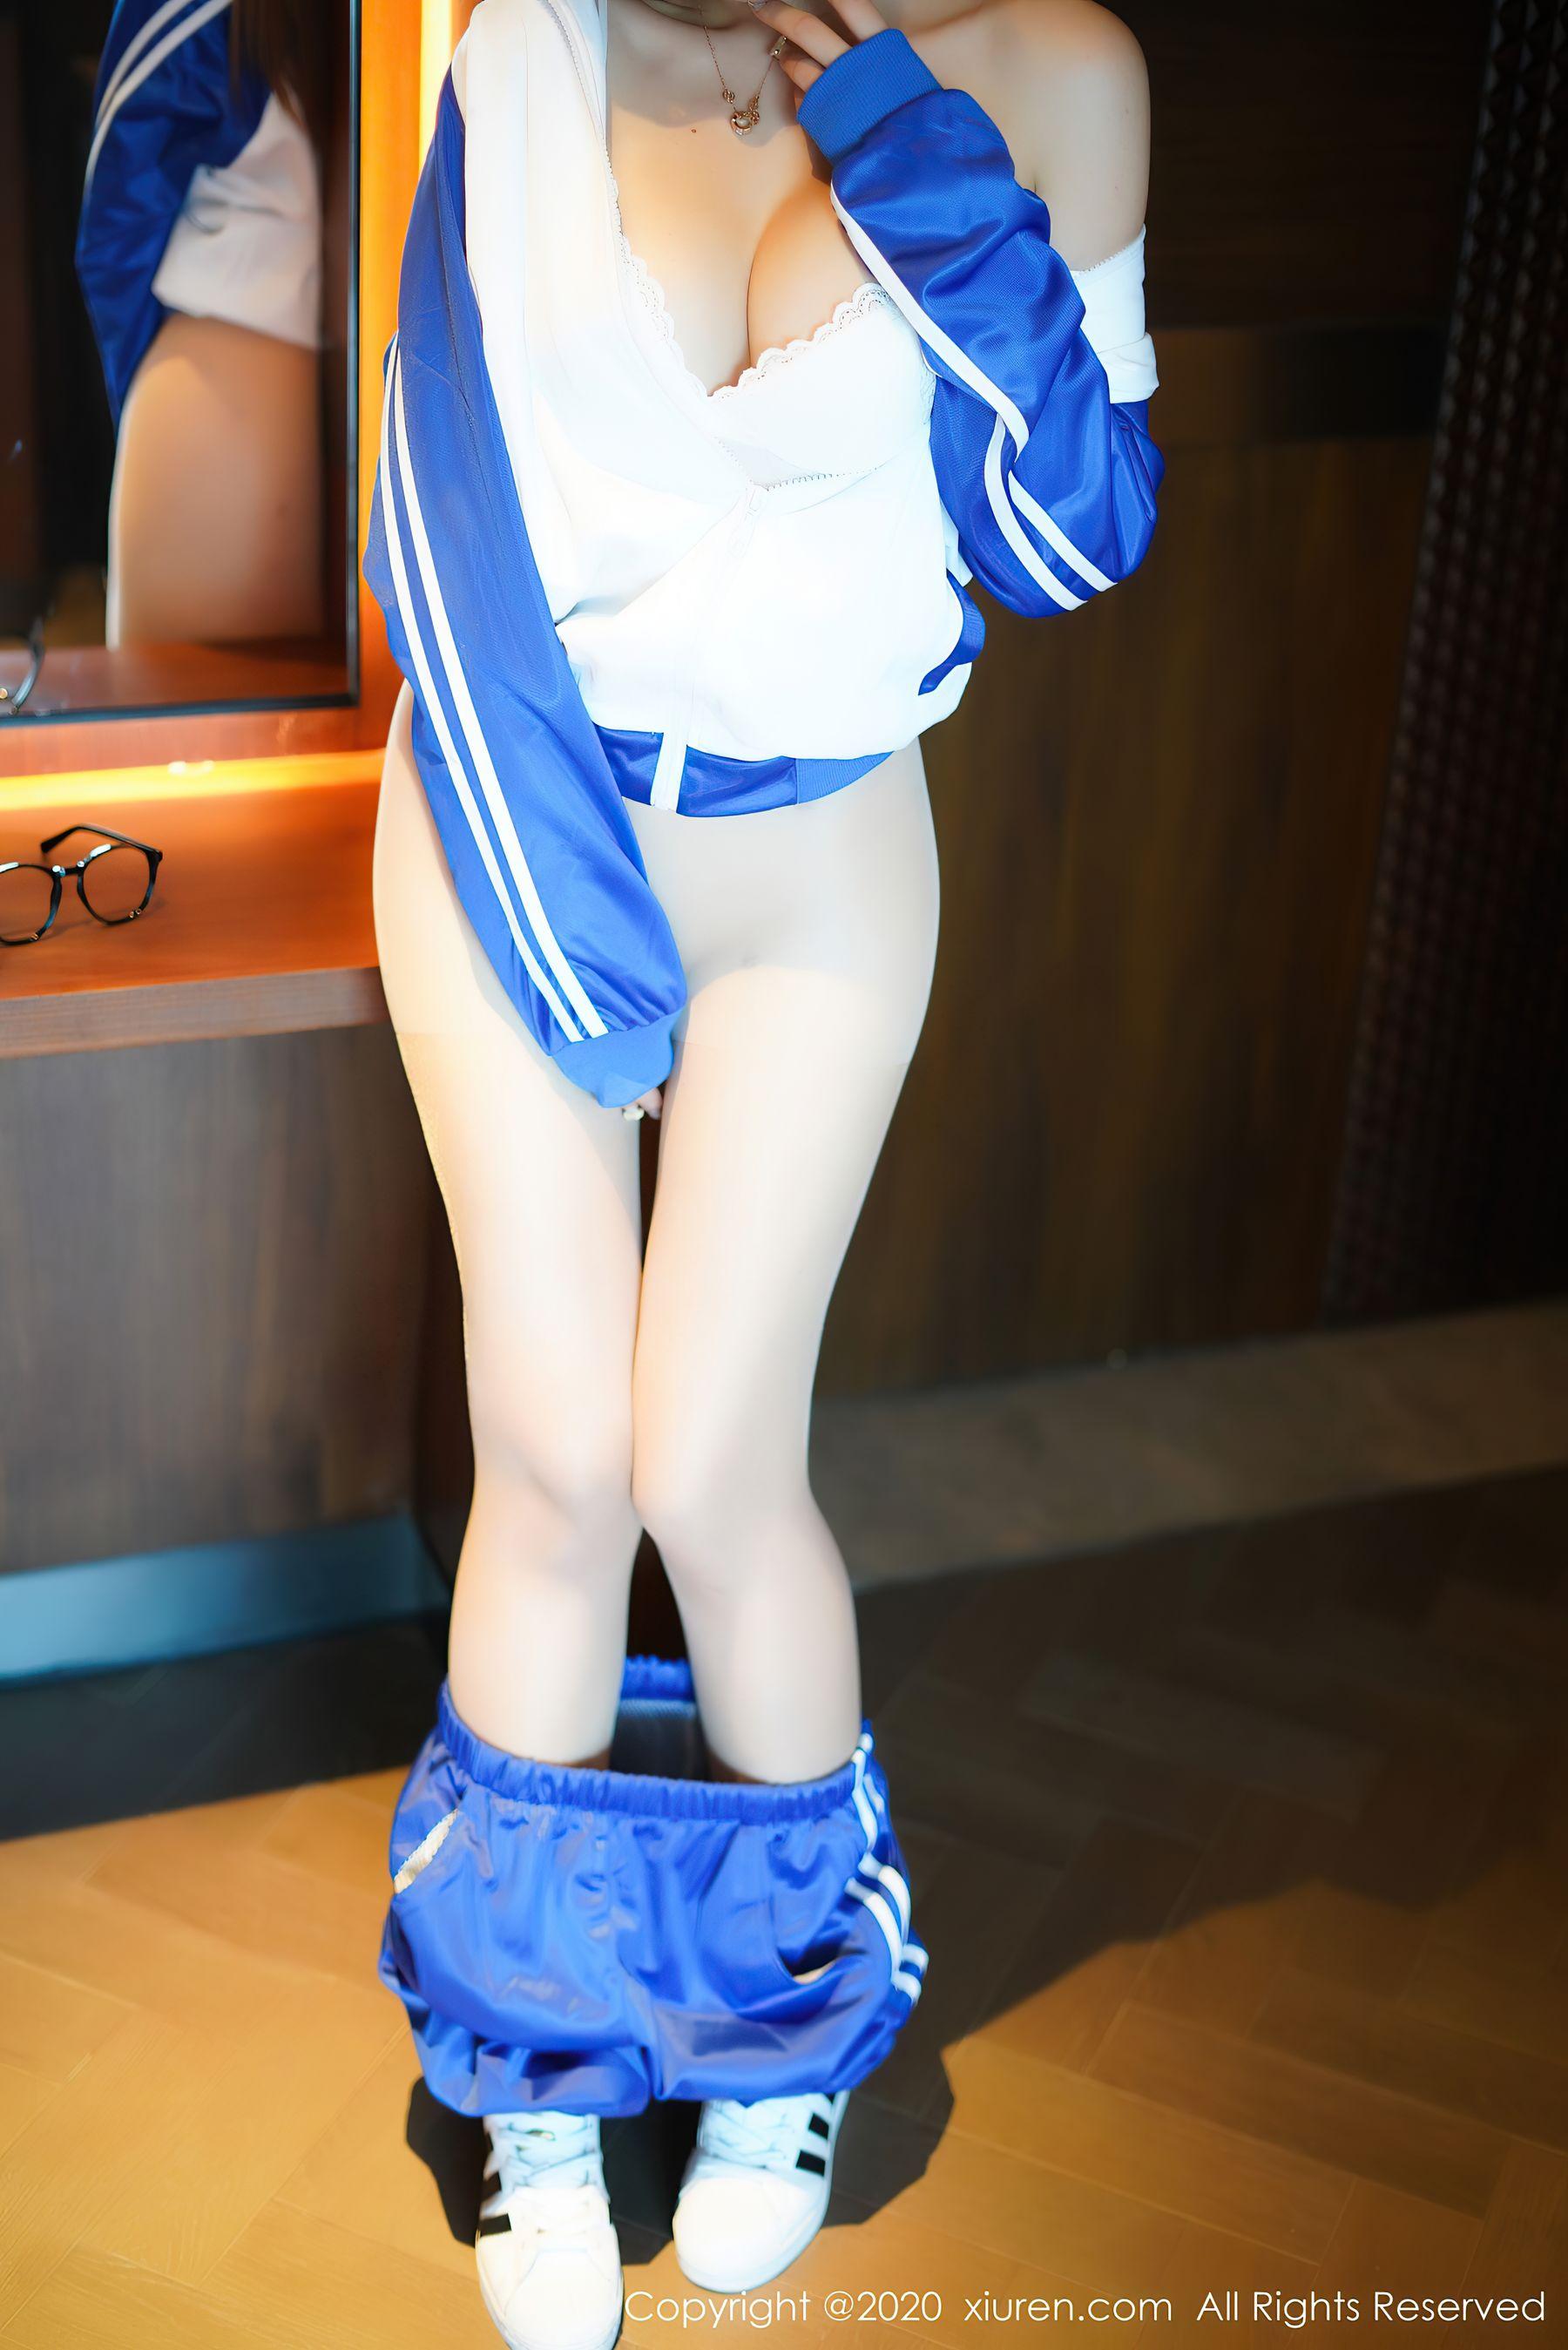 [秀人网]柴婉艺(柴婉艺Averie,萌汉药baby)No.2586超高清写真大图片(48P)|486热度